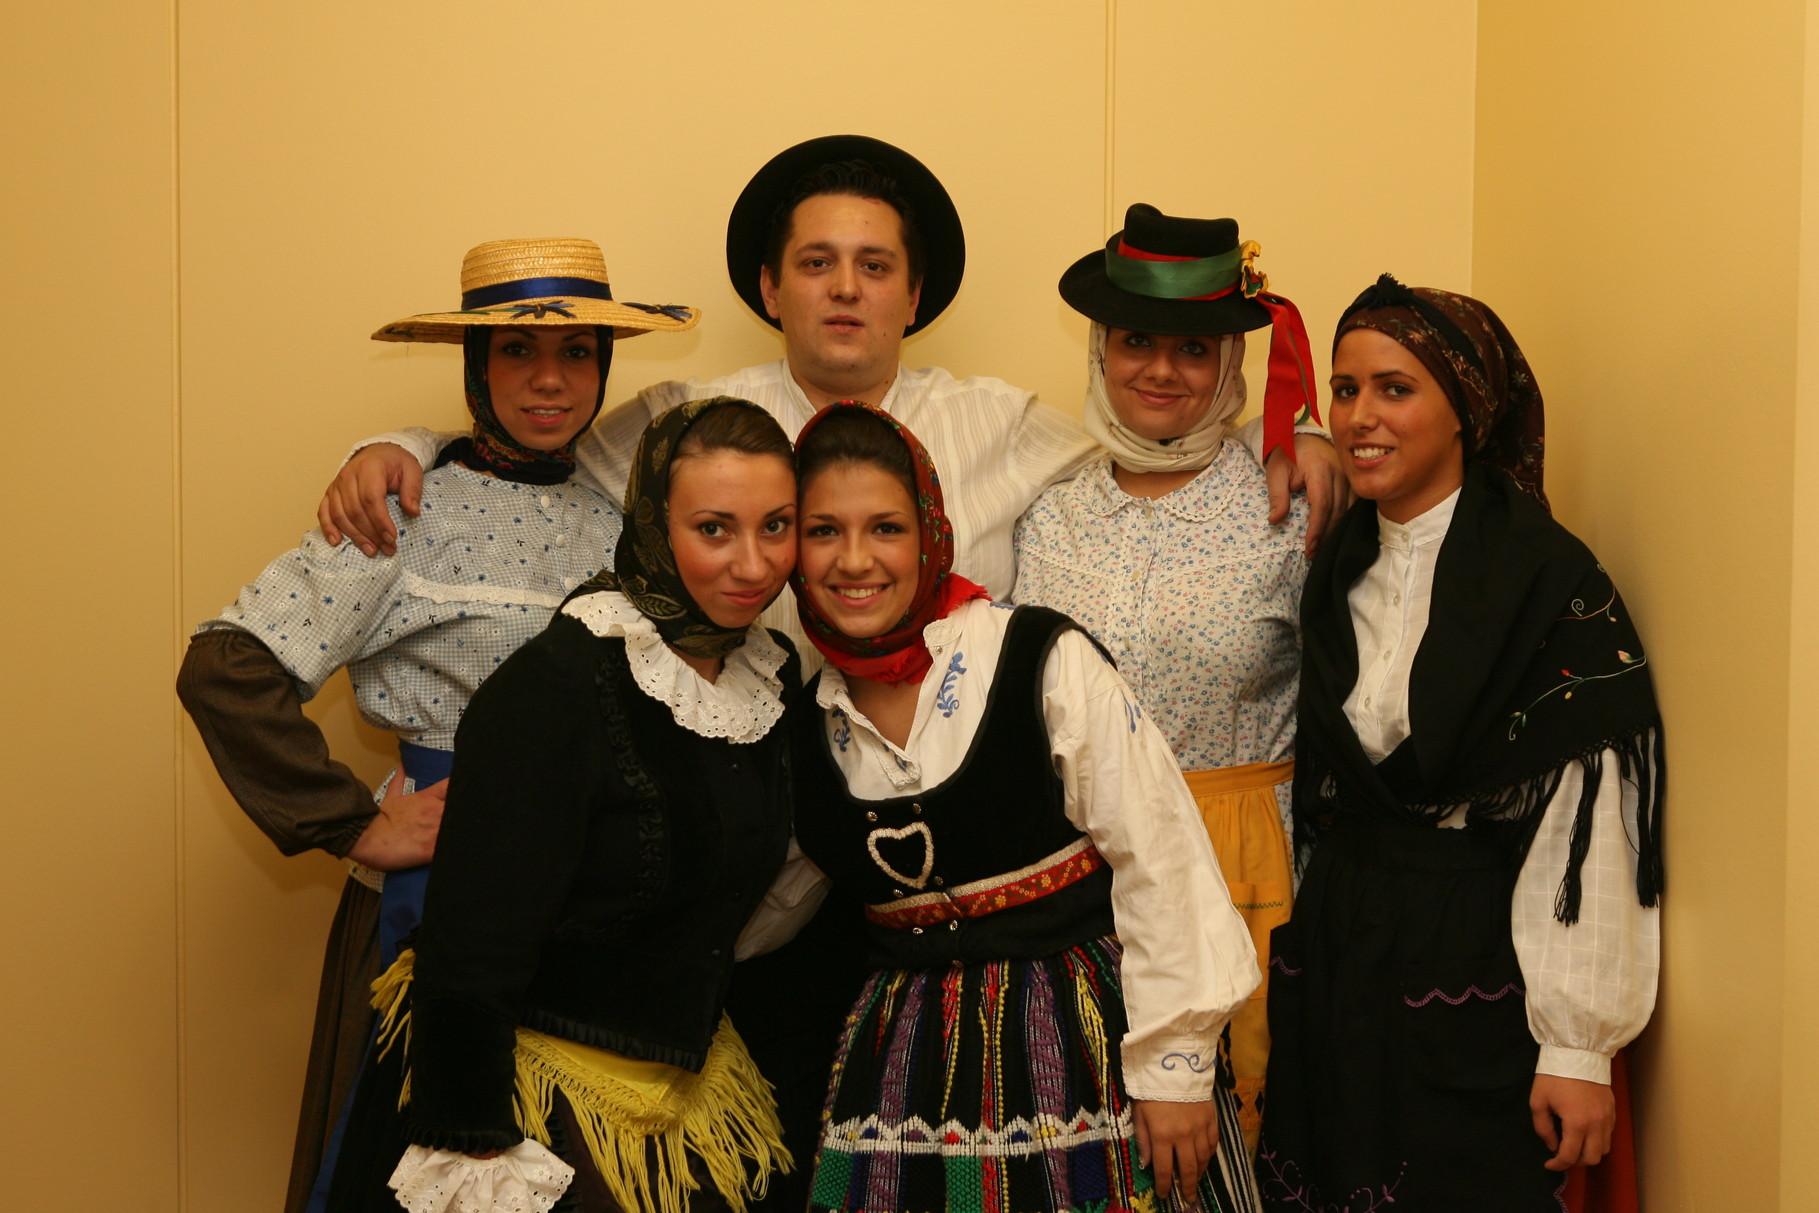 Jovens Portugueses preservam as tradições, 2007